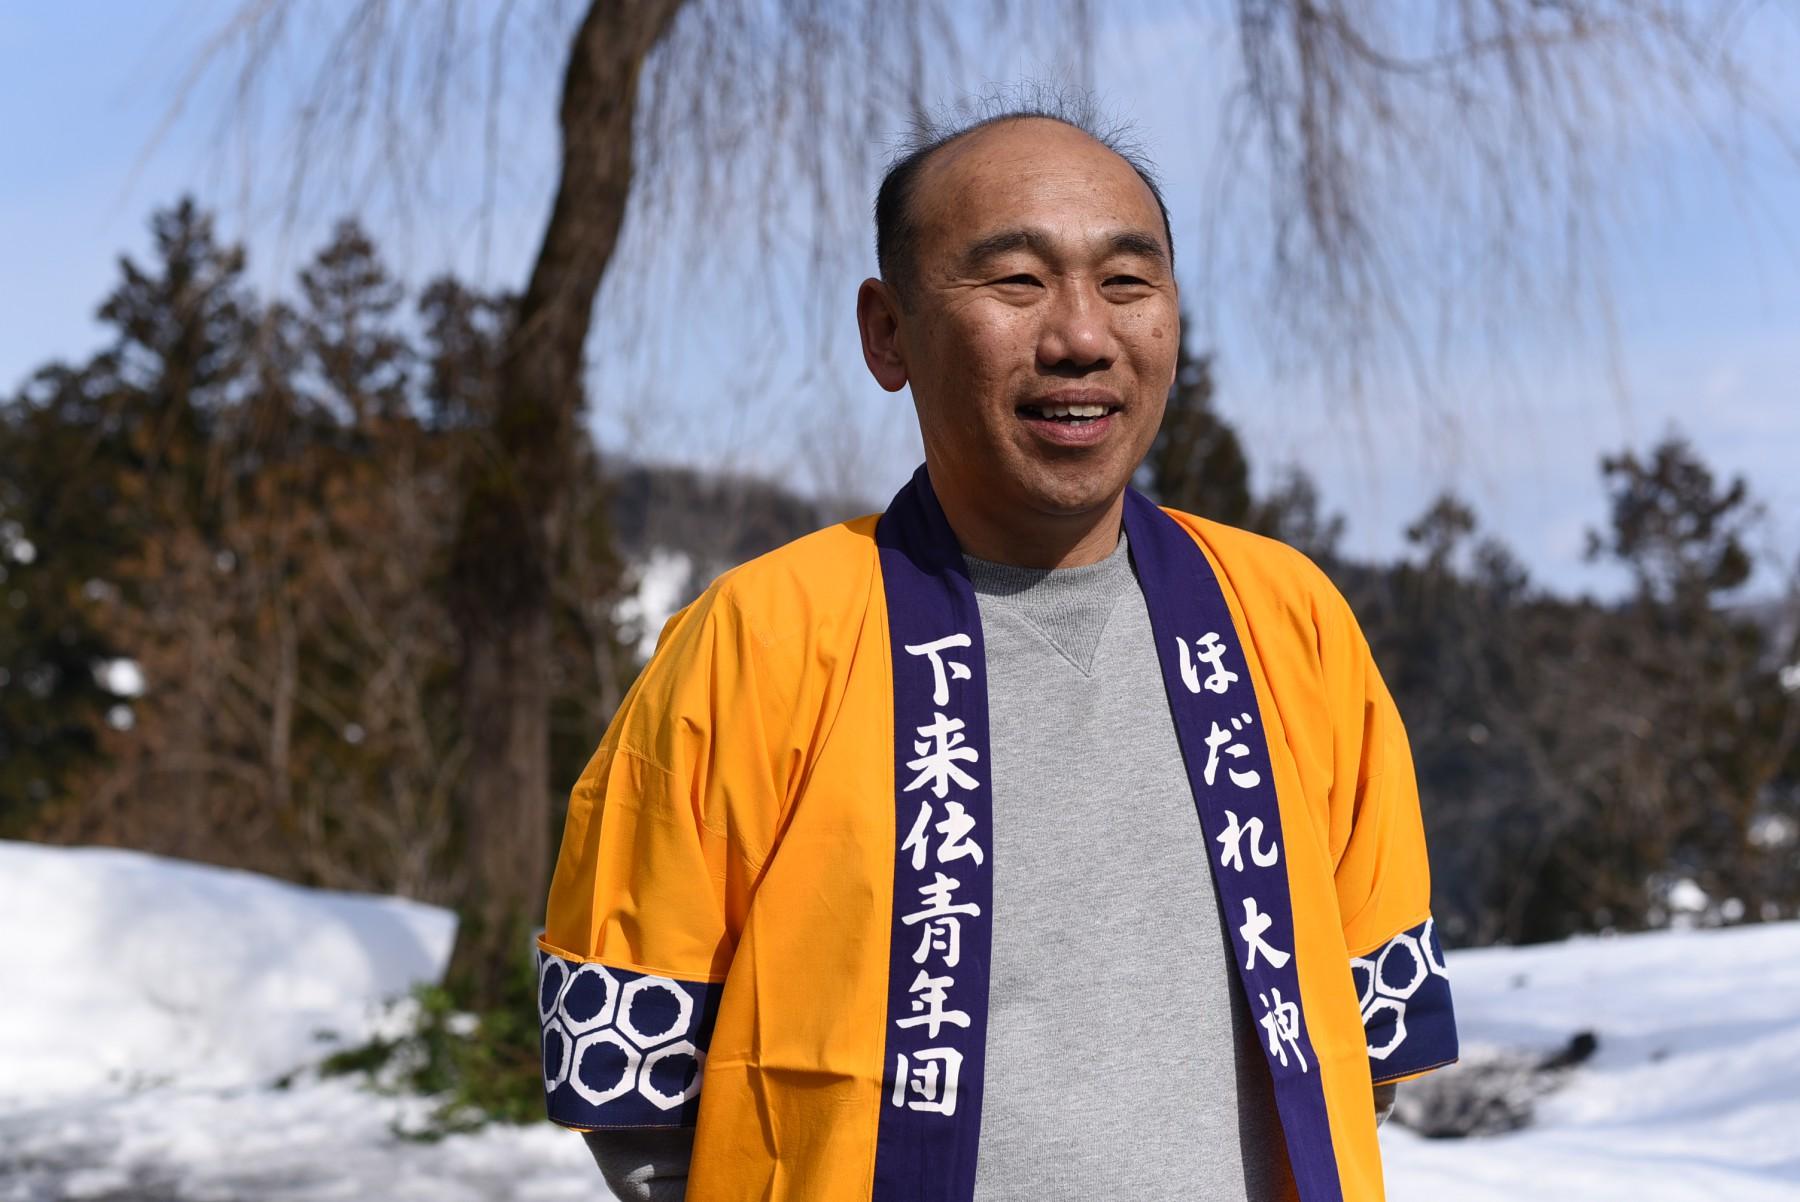 ほだれ祭実行委員長の佐藤隆志さん。今年、下来伝地区で唯一参加した初嫁さんのご主人でもあります。